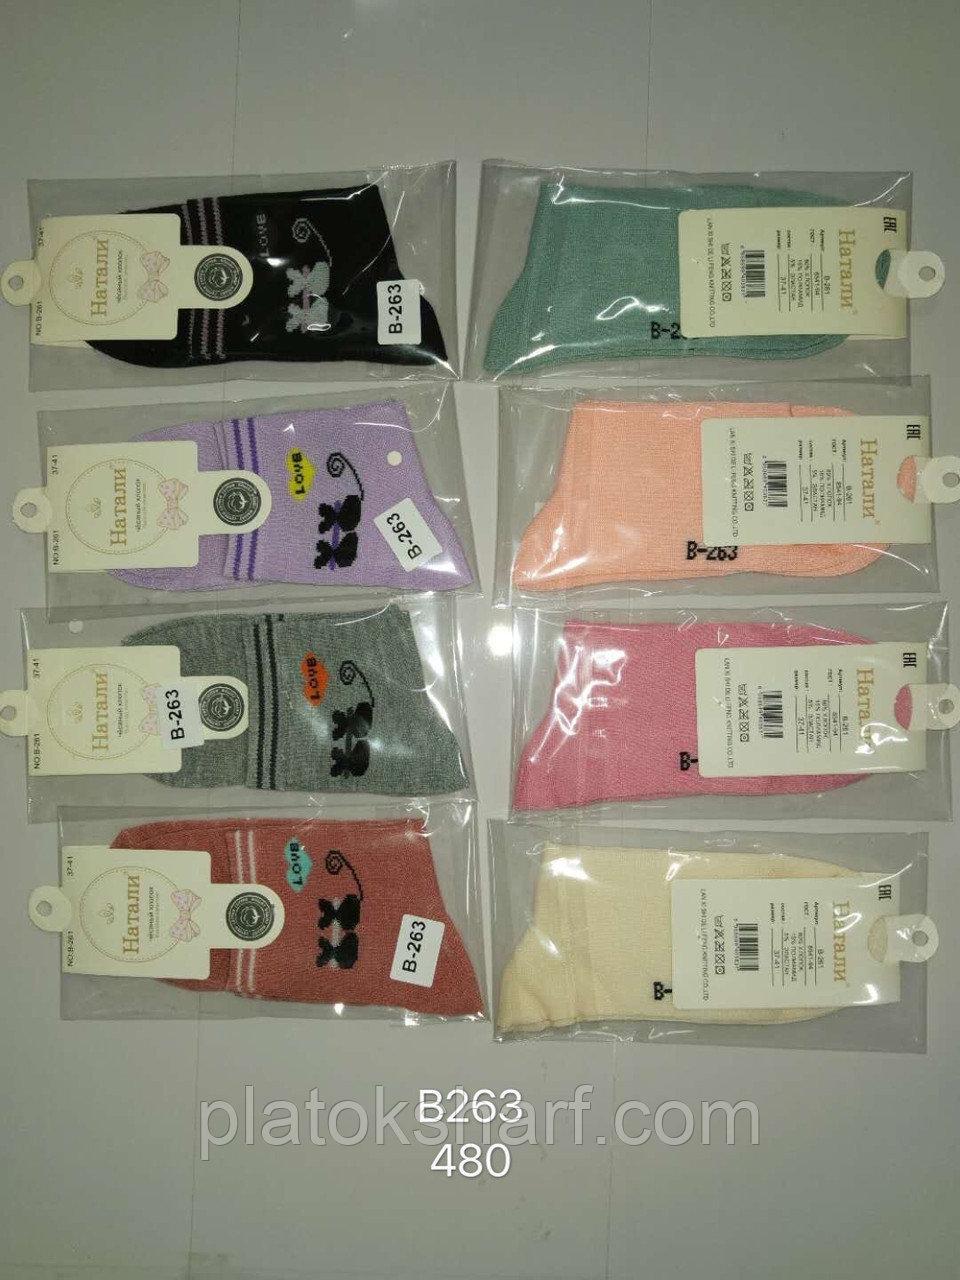 Носки женские и девочкам подросткам, стрейчевые носки в упаковках, фото 3